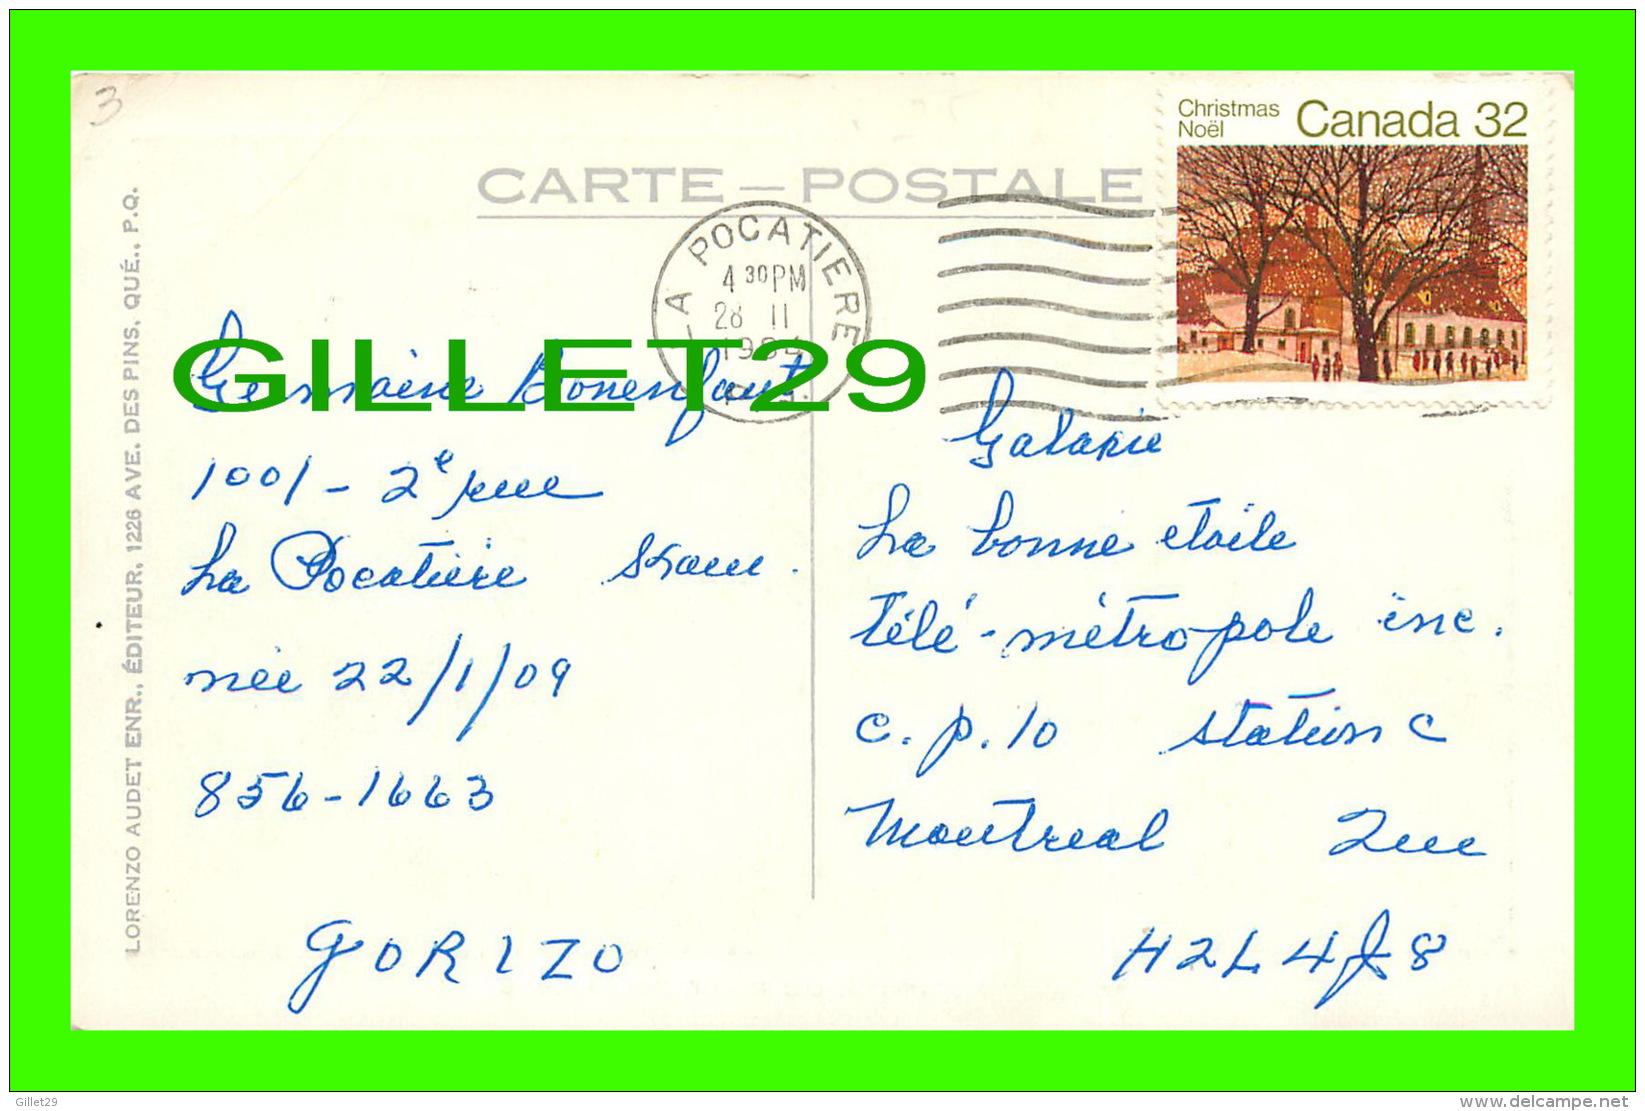 QUÉBEC LA CITÉ - VUE AÉRIENNE DU PORT DE QUÉBEC - CIRCULÉE EN 1984 - LORENZO AUDET ENR. - - Québec - La Cité